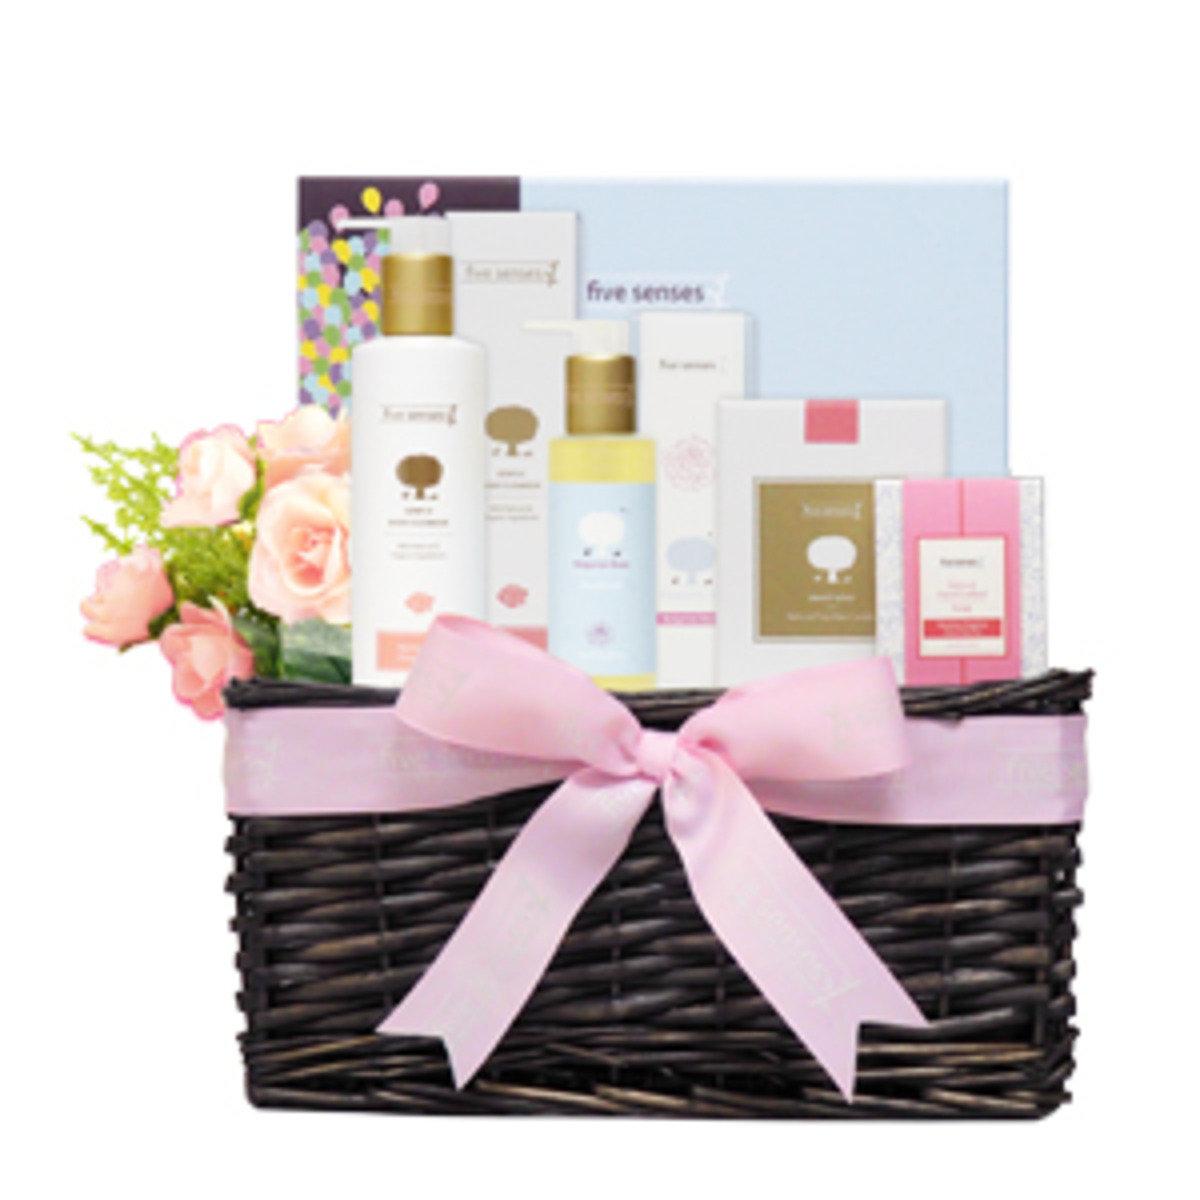 溫馨滋潤母親節禮物籃